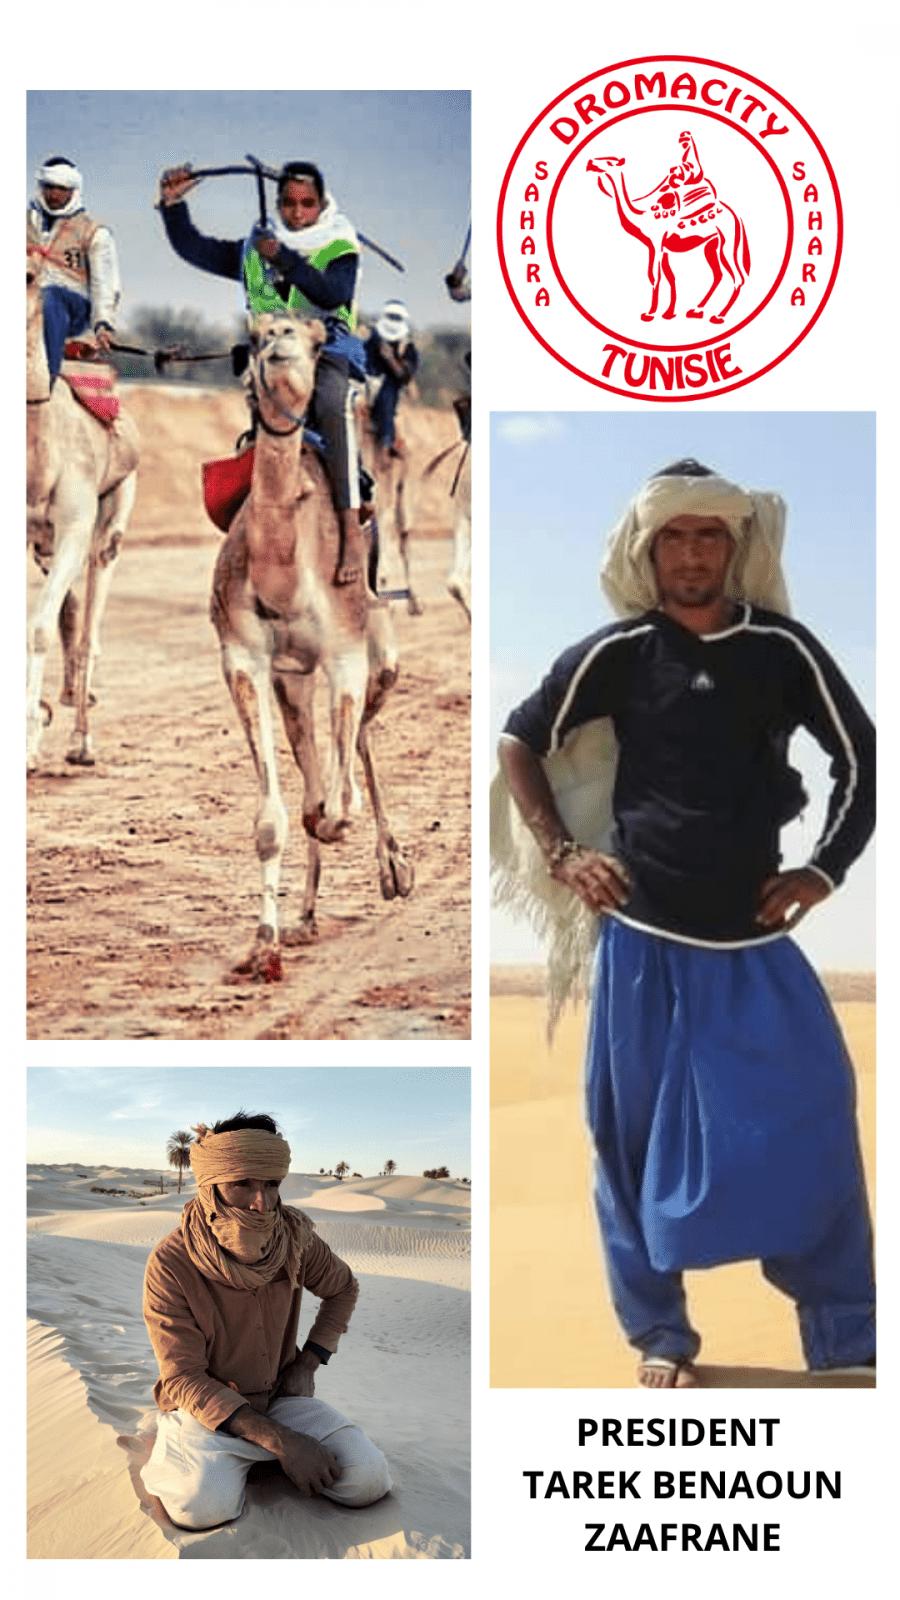 Tunisie DromaCity